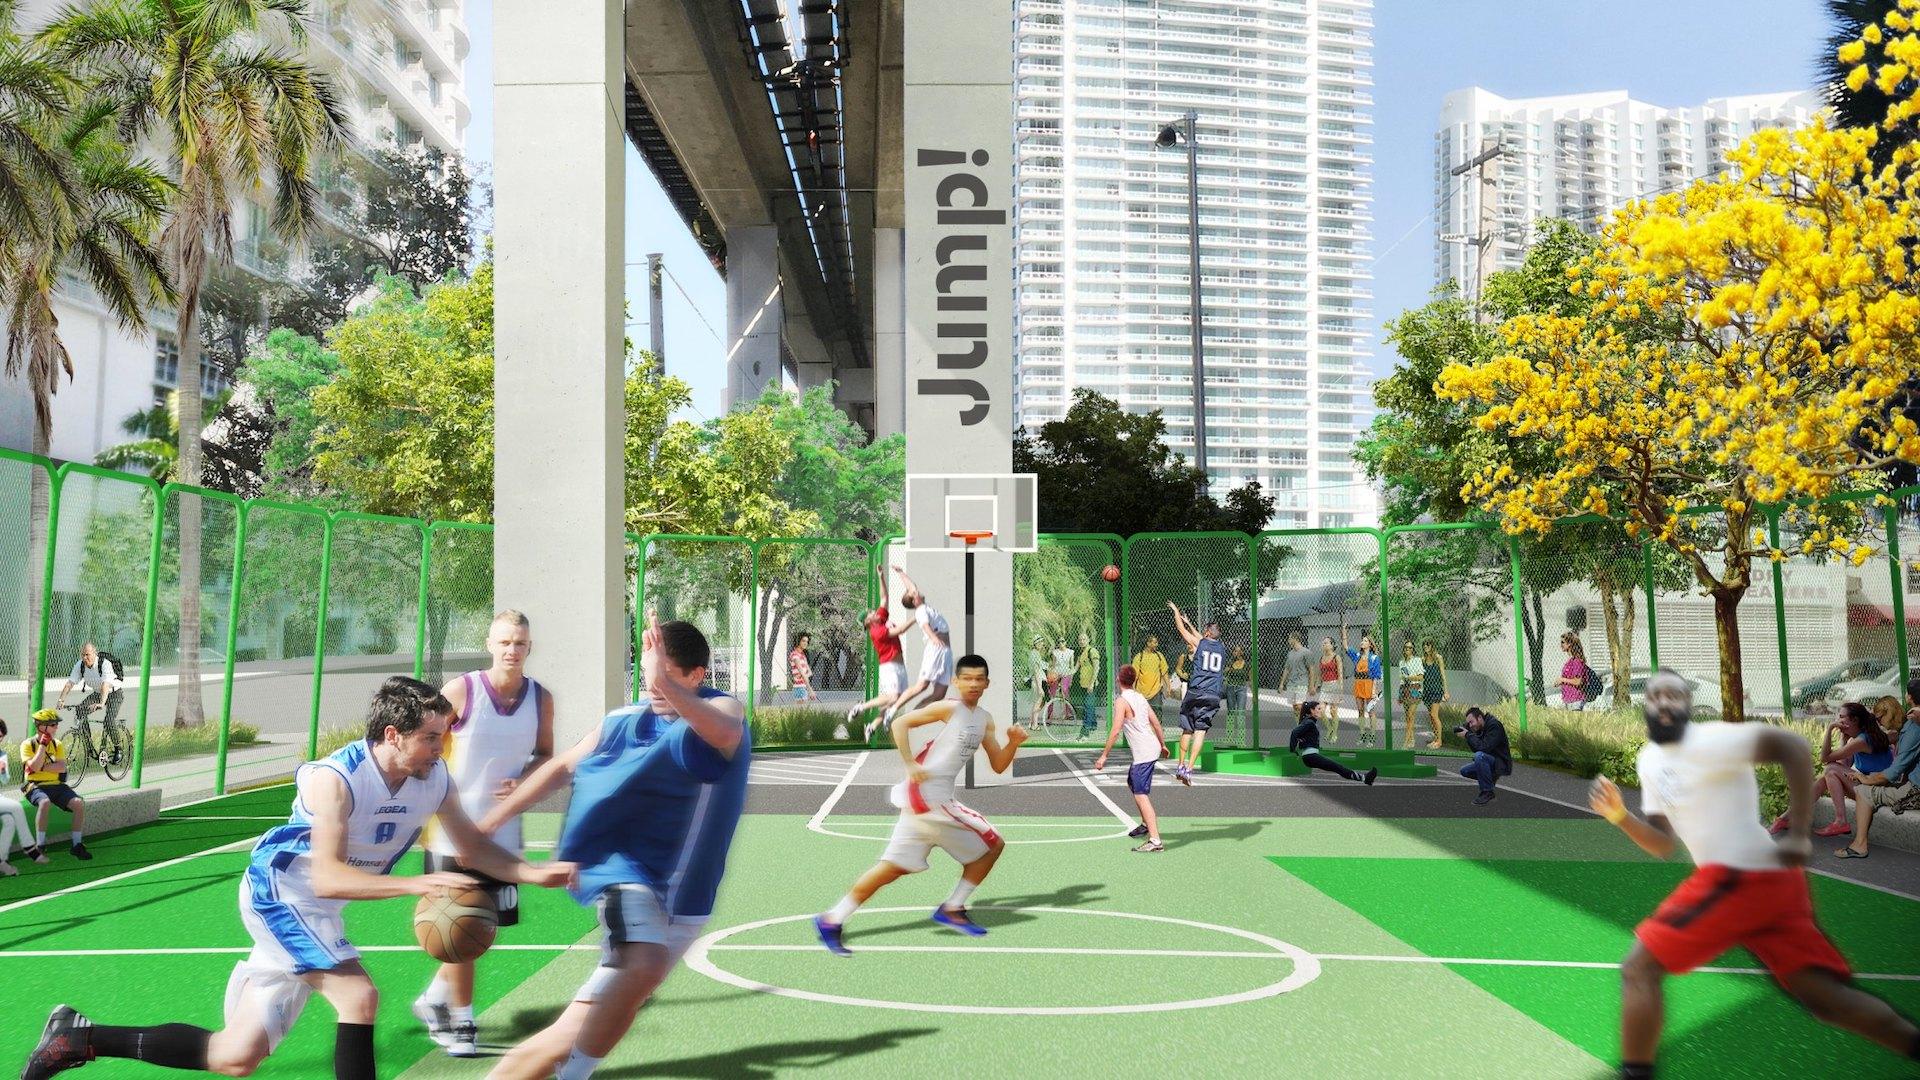 En 2020 inaugura Underline, el High Line de Miami: imágenes - 5